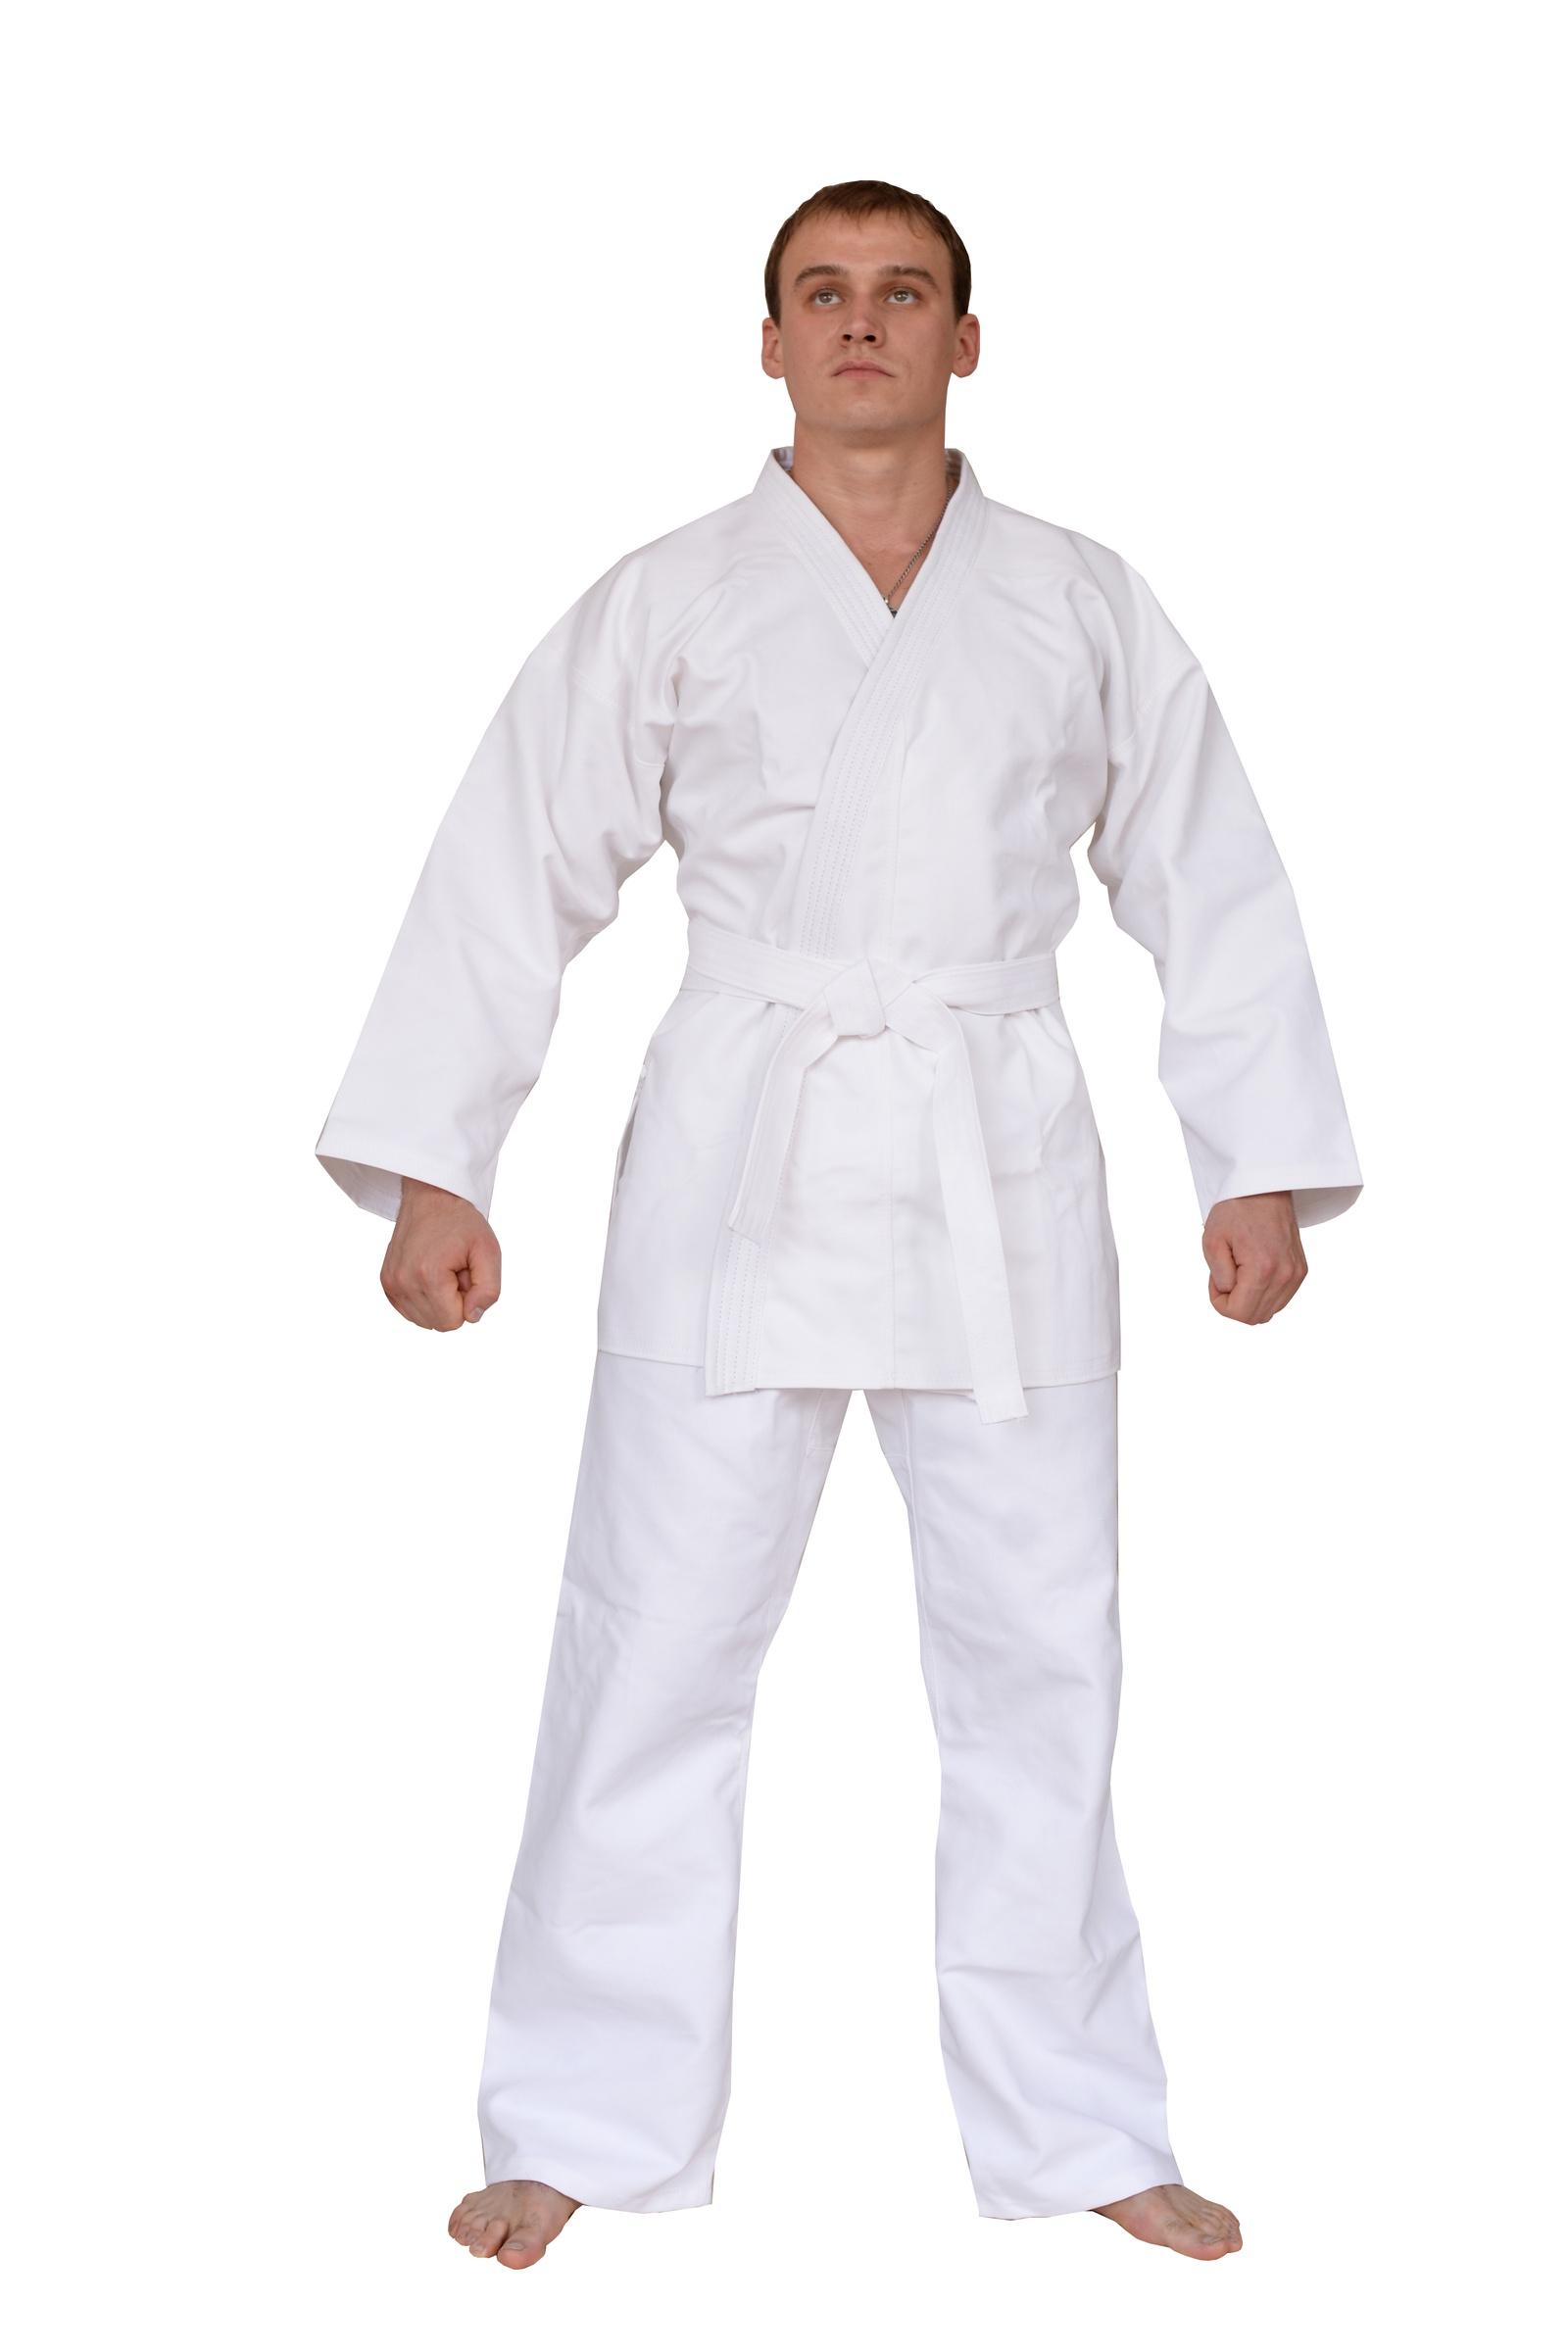 Кимоно для карате TENGO, белый 128-64 размерк7-128-64Кимоно для карате изготовлено из хлопка, плотность ткани 200-230 г/кв.м. В комплект входит: куртка, брюки, пояс. Кимоно дает усадку при стирке, рекомендуется приобретать кимоно на размер больше.